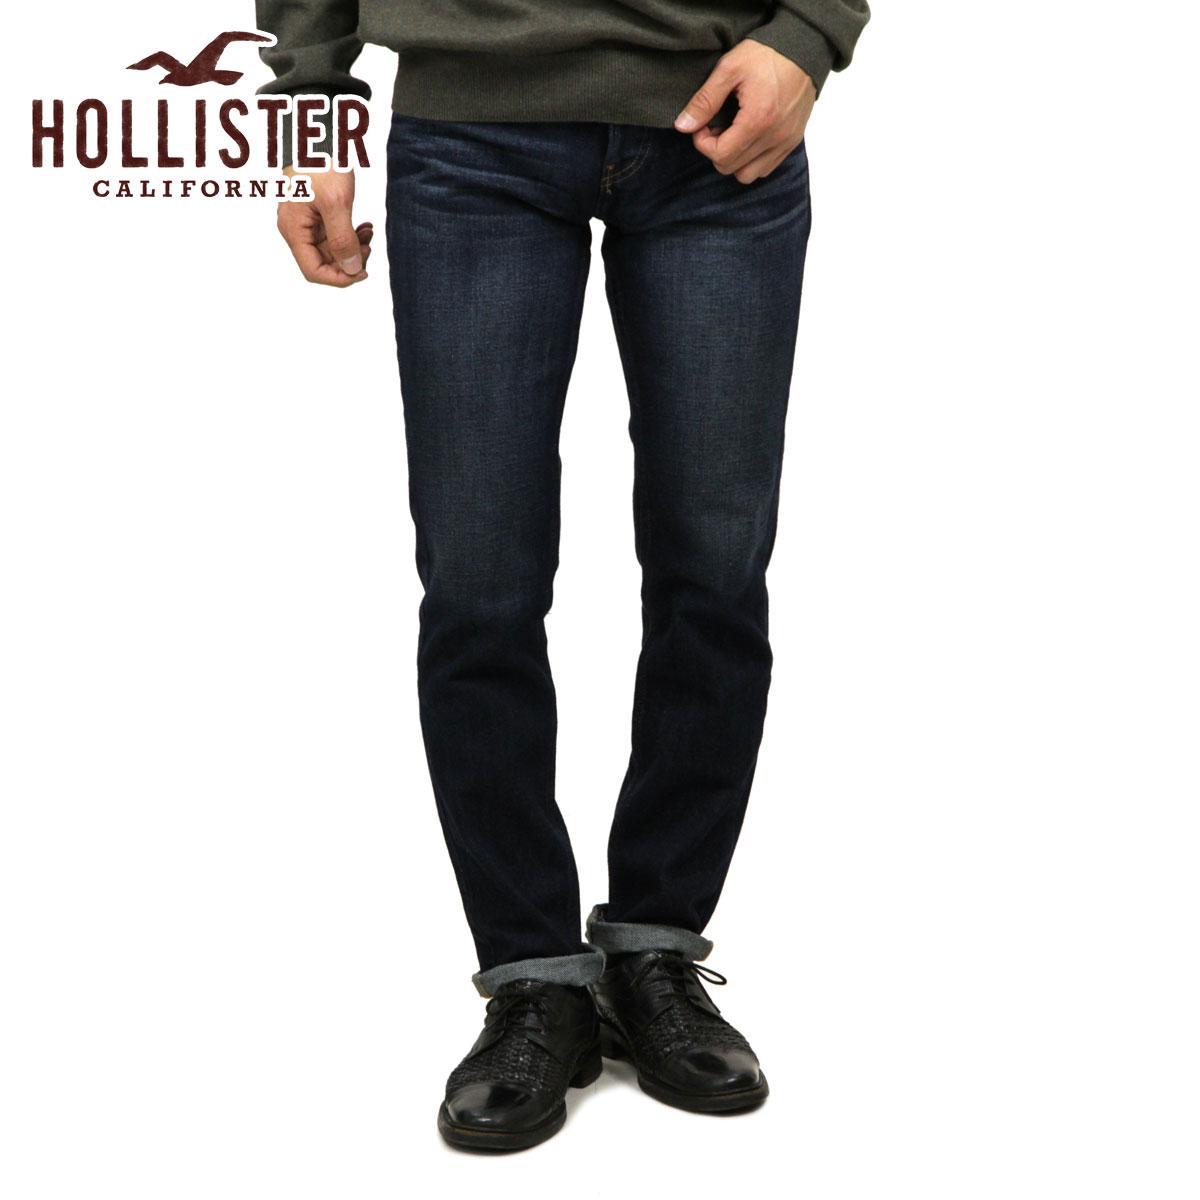 霍利斯特霍利斯特 AE 男式牛仔裤紧身牛仔裤洗黑 331-380-0385年-023